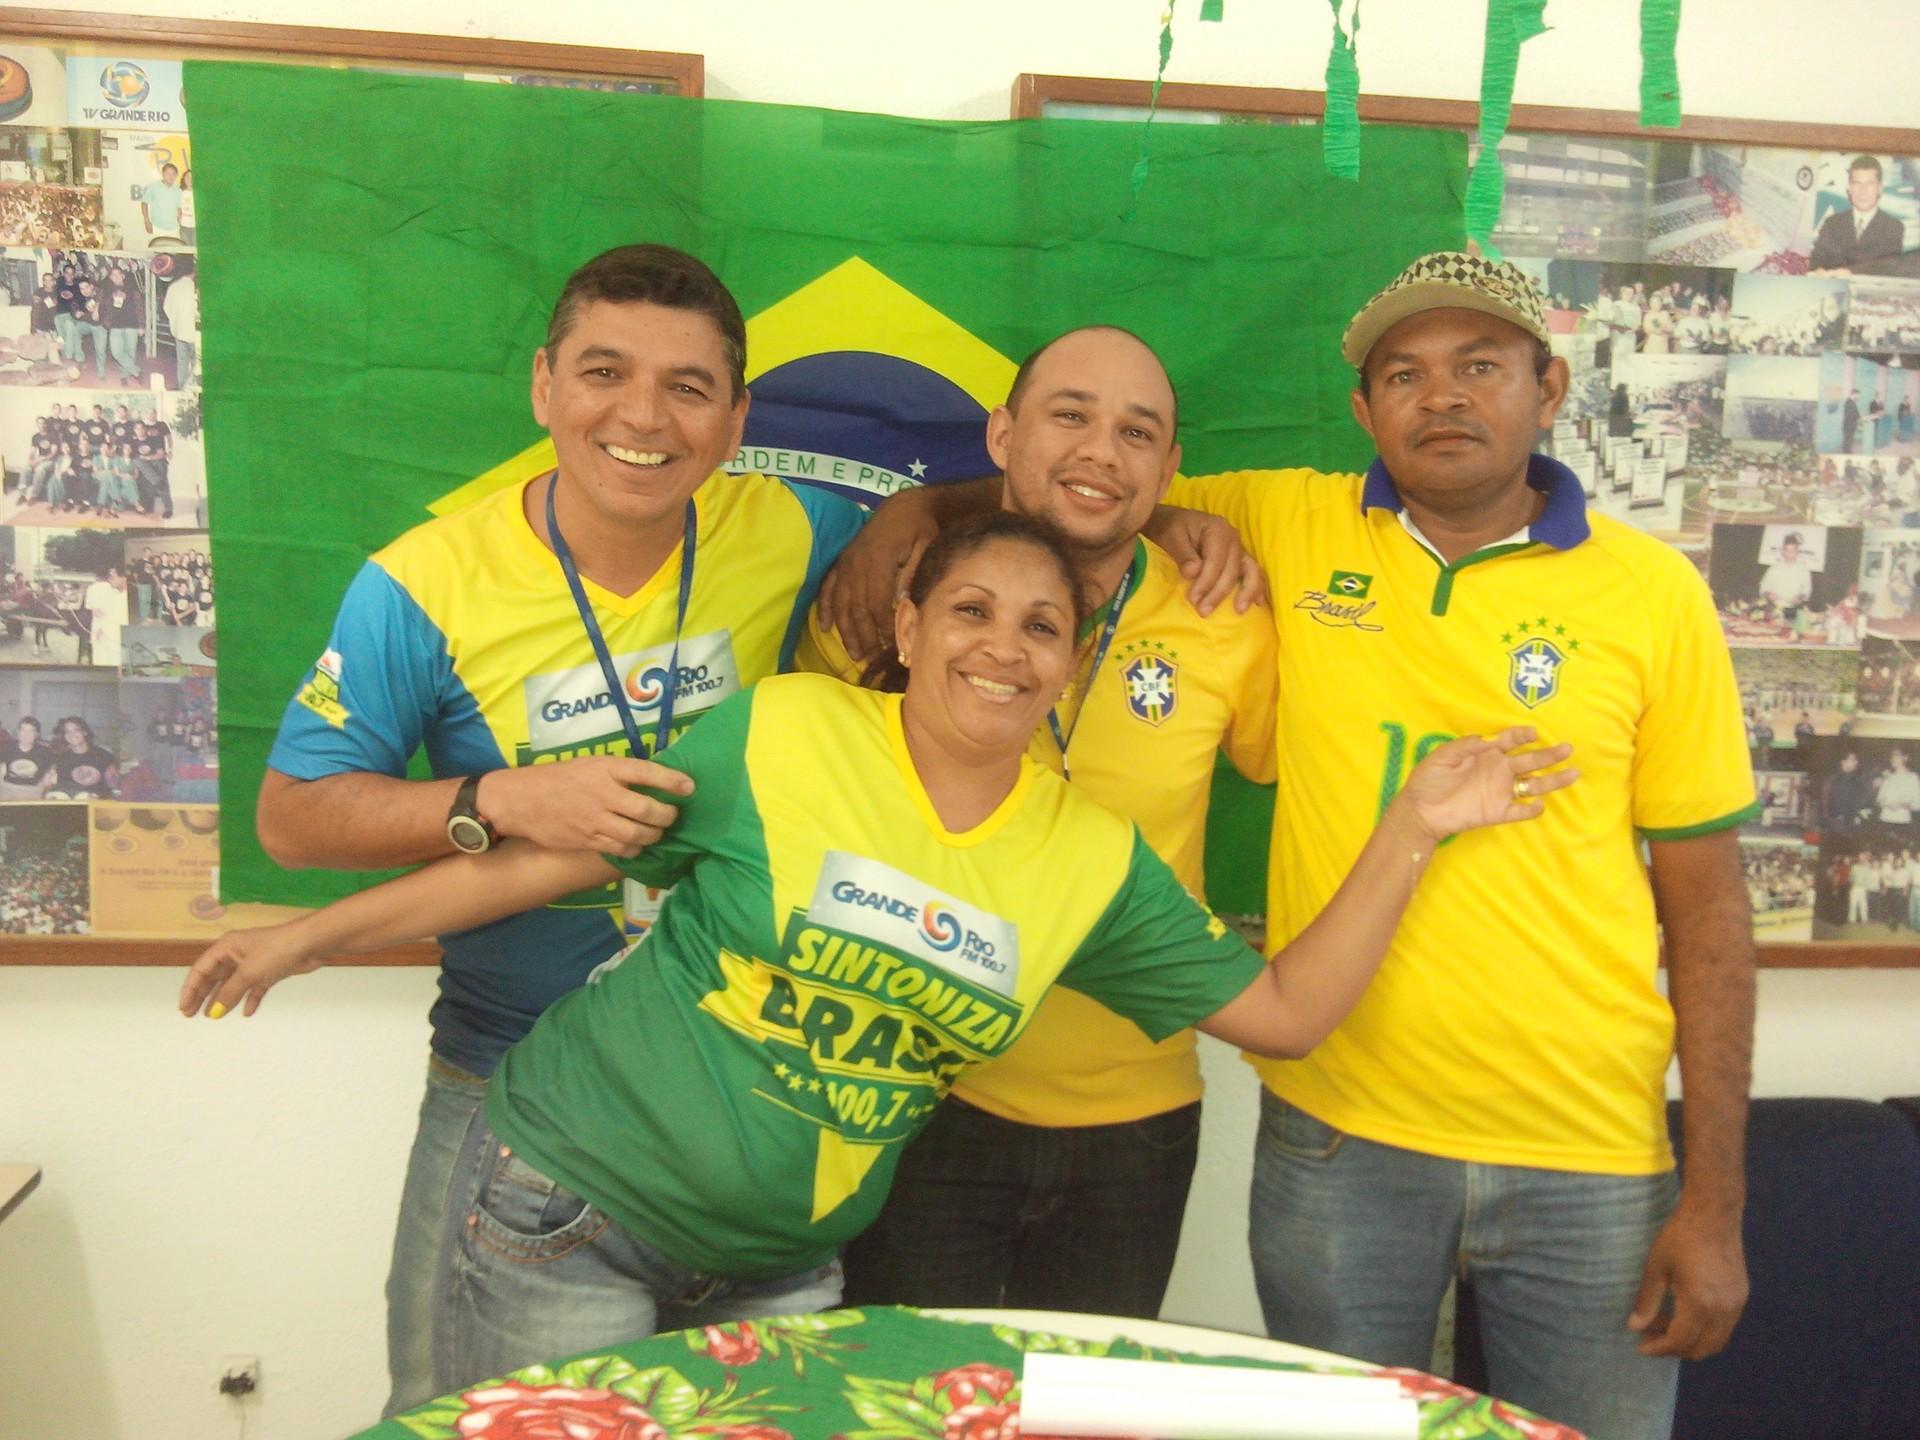 Clima de Copa do Mundo na TV Grande Rio (Foto: Gabriela Canário)